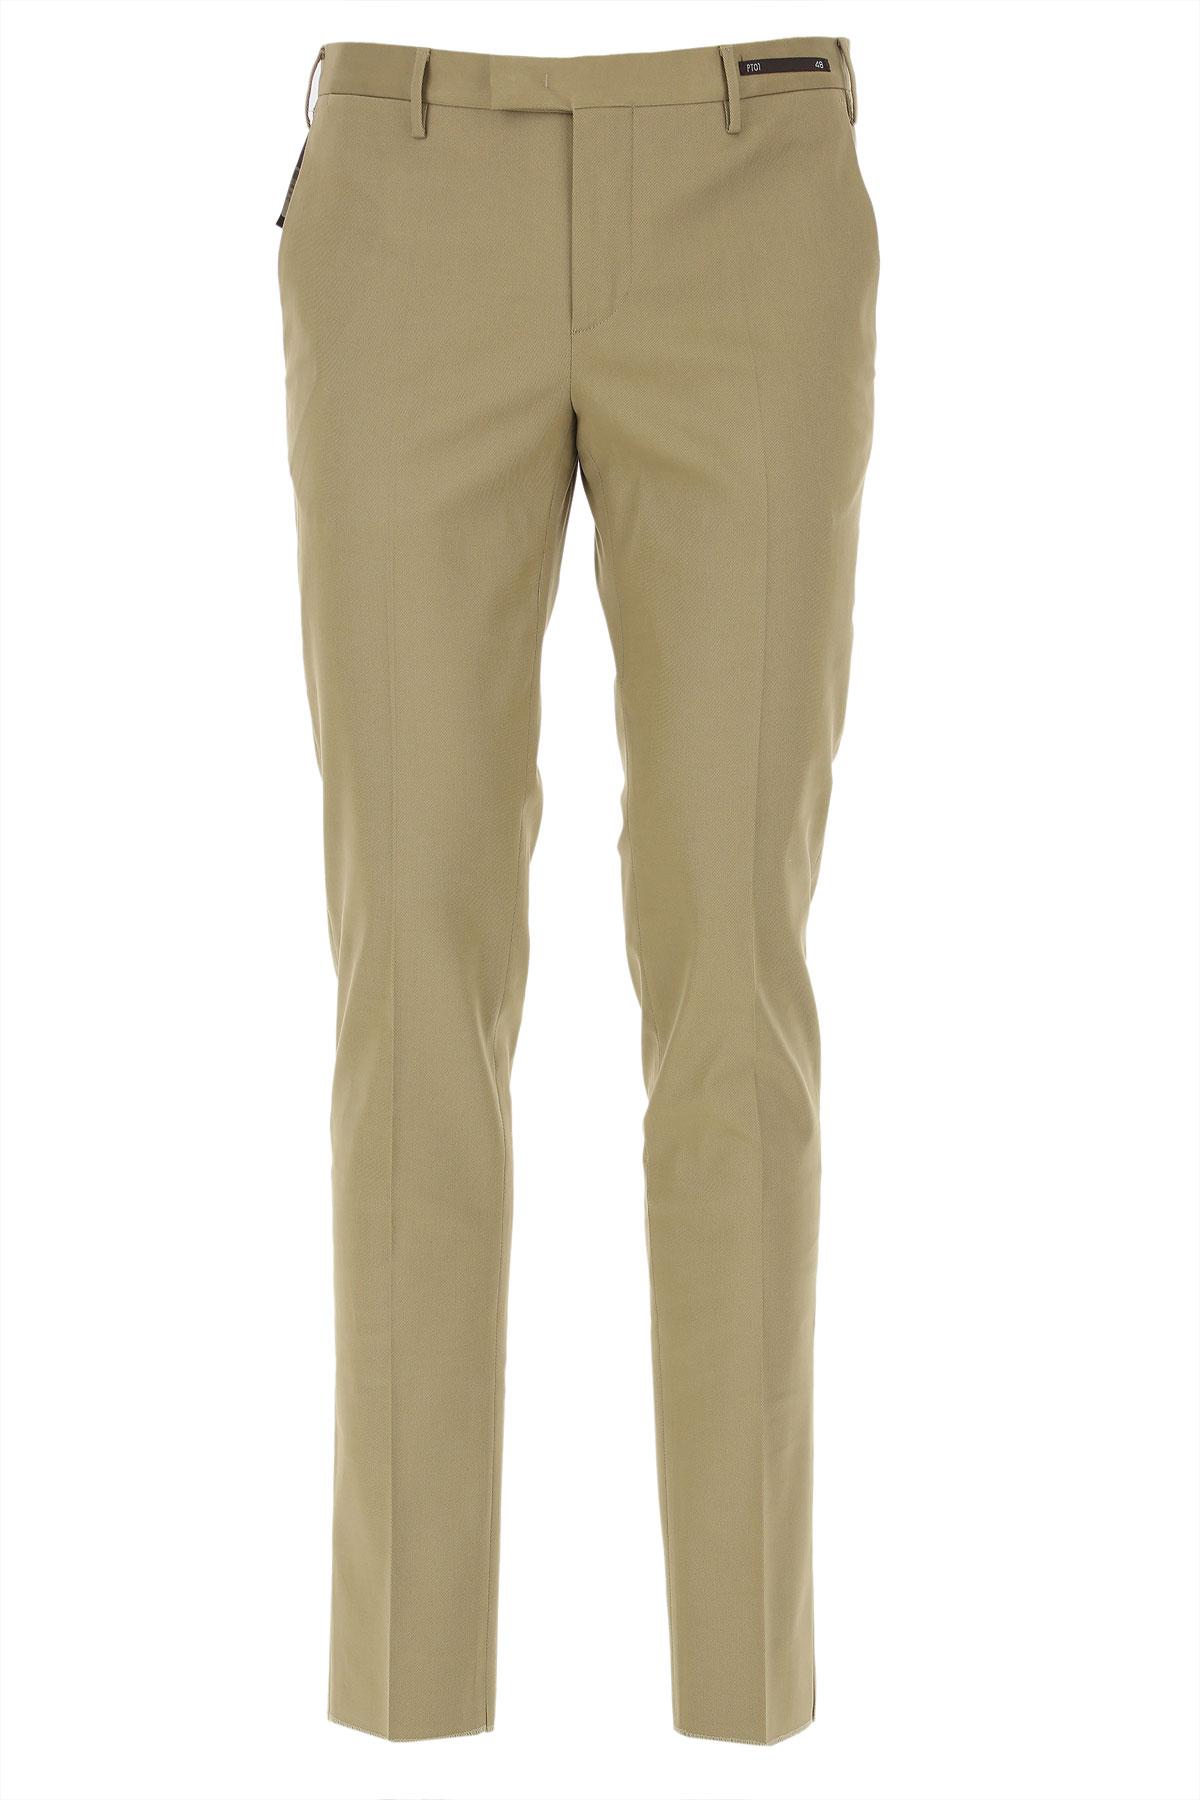 PT01 Pants for Men On Sale, Kaki, lyocell, 2019, 30 32 34 36 38